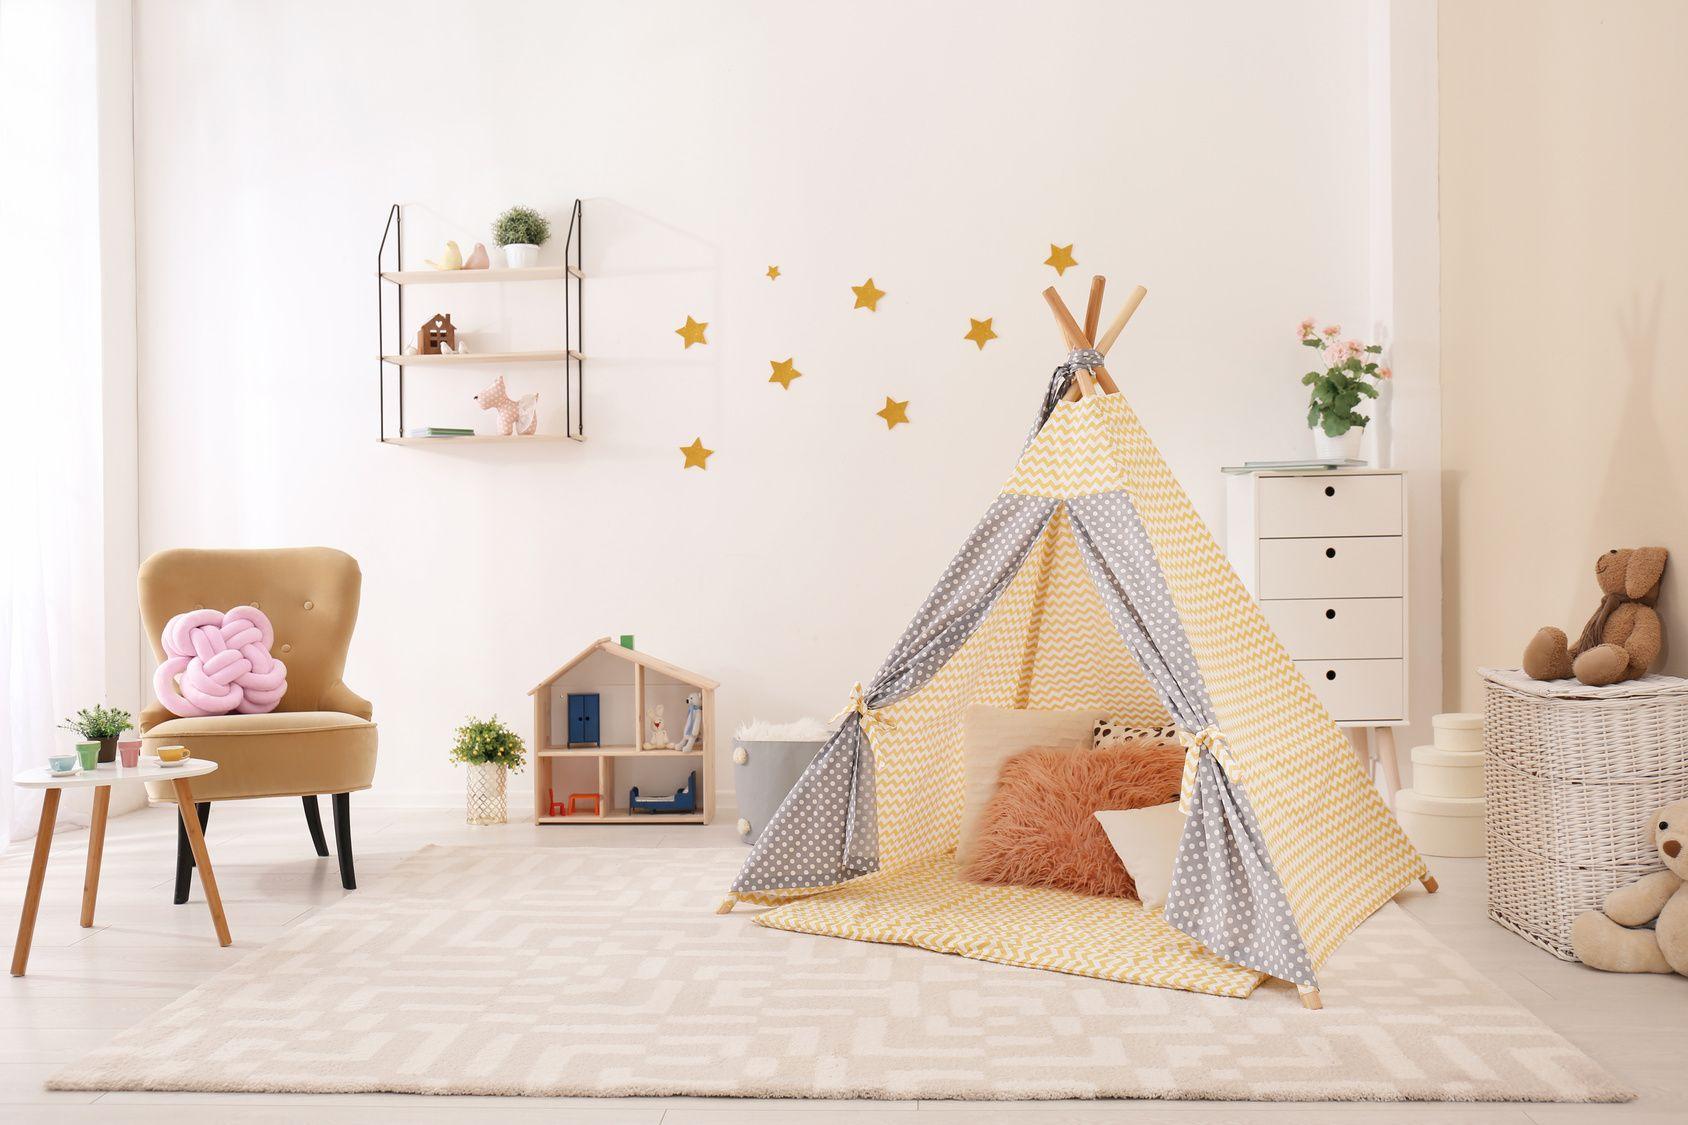 Fußboden Kinderzimmer Pdf ~ Wie sie schadstoffe im kinderzimmer vermeiden verbraucherzentrale